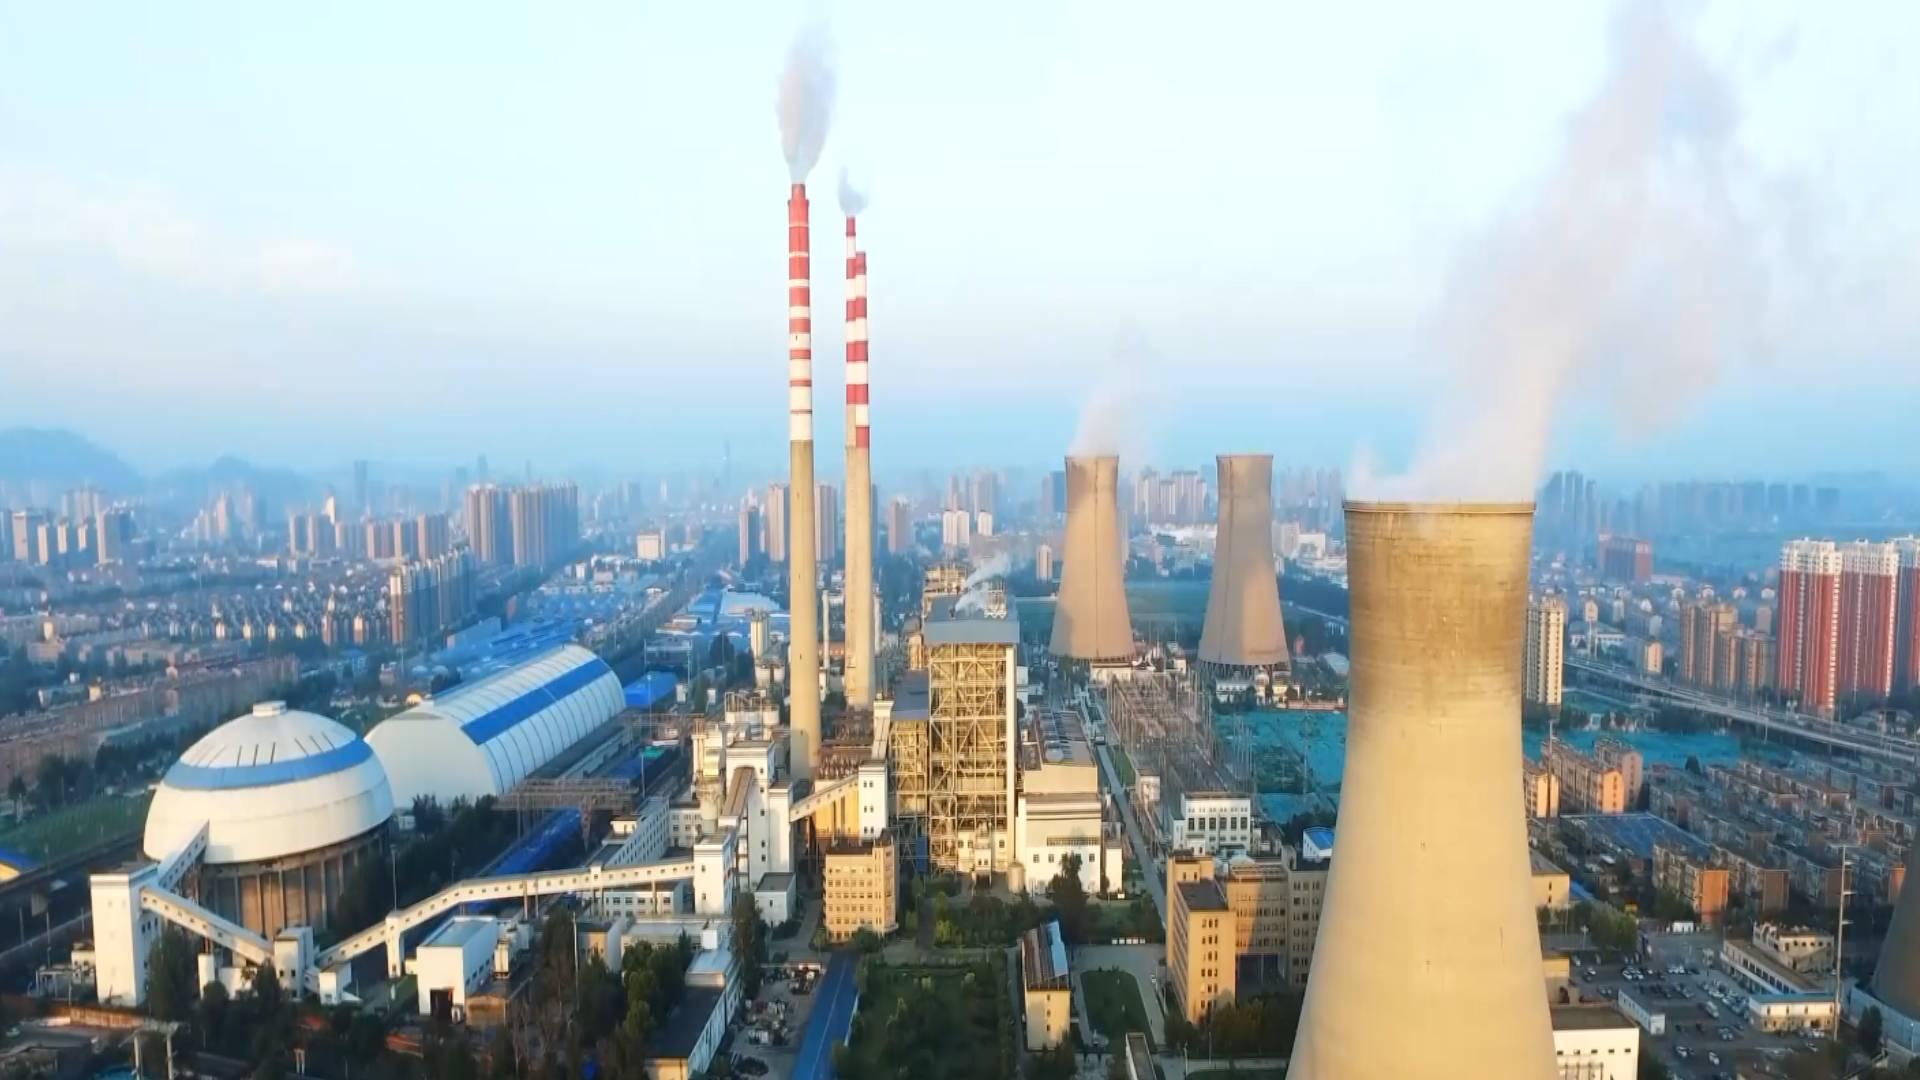 备战供暖季丨山东最大绿色清洁热源黄台电厂准备就绪